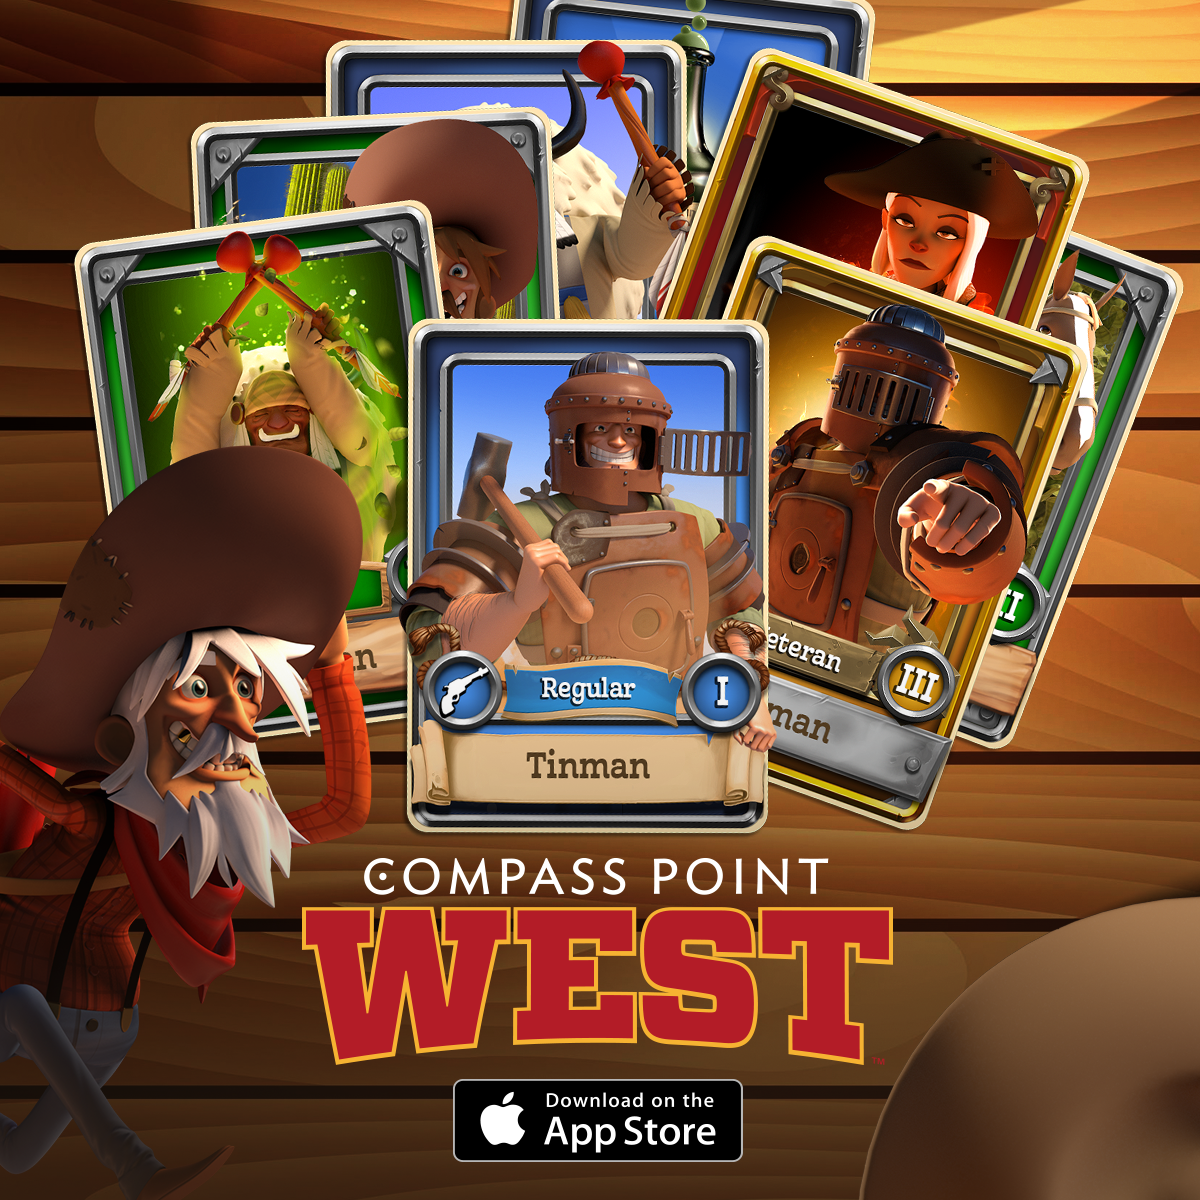 ストラテジー+カード収集+西部開拓 フィンランドのNext Games、第一弾タイトルとなるスマホ向け西部開拓シミュレーション「Compass Point: West」をリリース